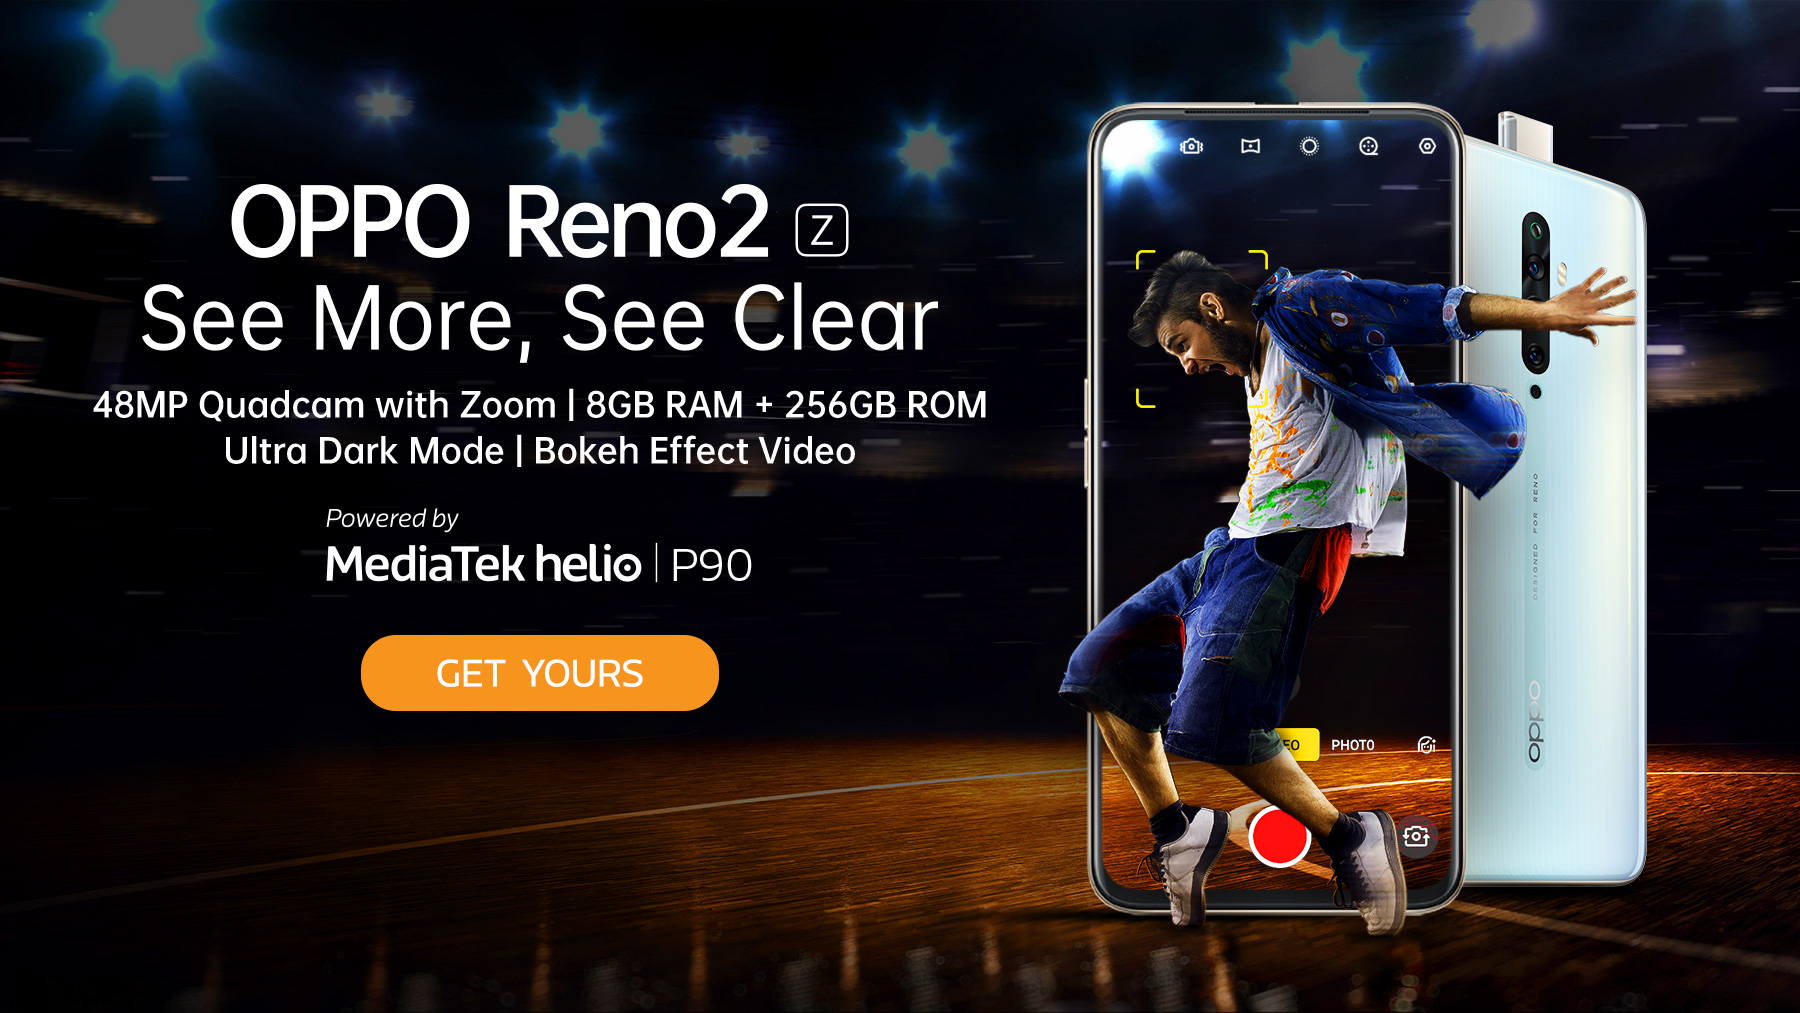 Oppo Reno 2 Z